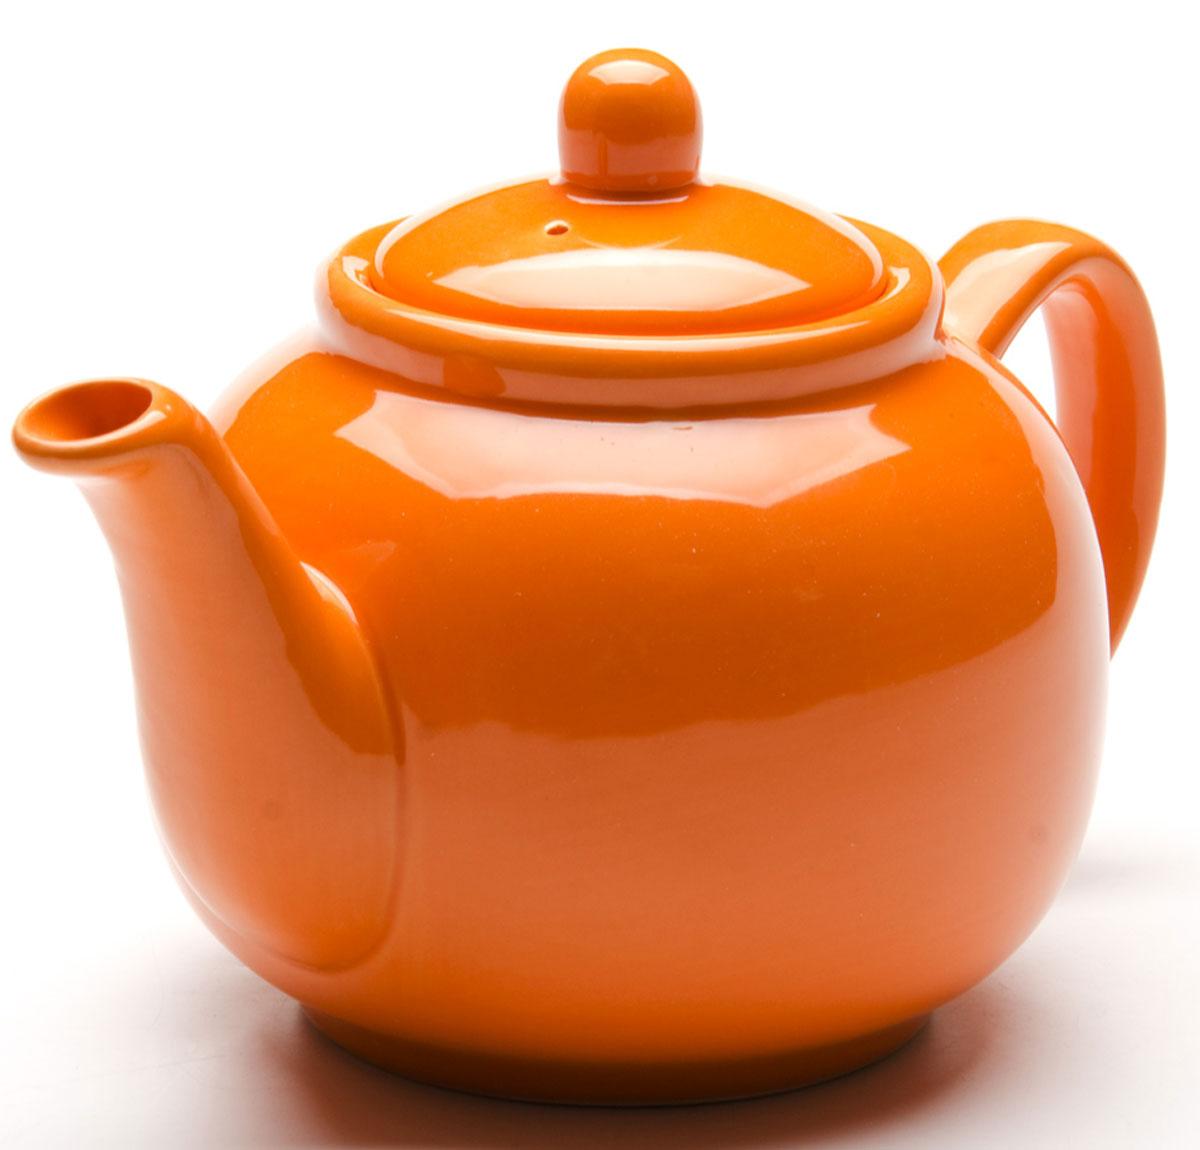 Чайник заварочный Loraine, 940 мл. 2486624866Заварочный чайник поможет вам в приготовлении вкусного и ароматного чая, а также станет украшением вашей кухни. Яркий дизайн придает чайнику особый шарм, он удобен в использовании и понравится каждому. Такой заварочный чайник станет приятным и практичным подарком на любой праздник. Объем: 940 мл.